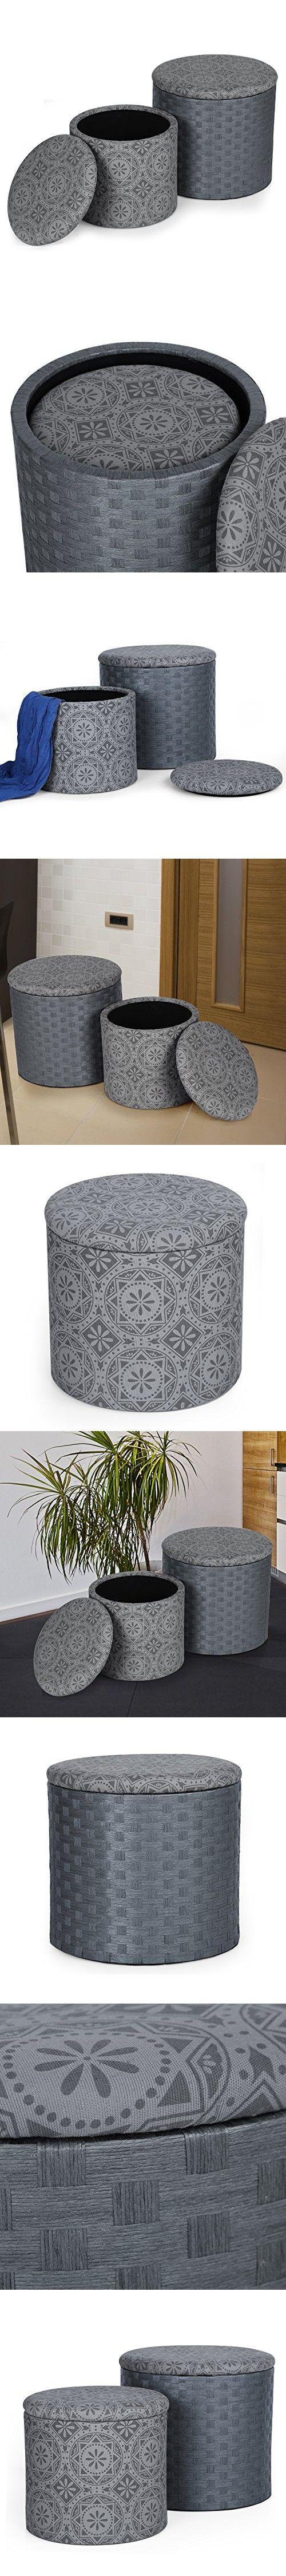 Best 25 Round storage ottoman ideas on Pinterest